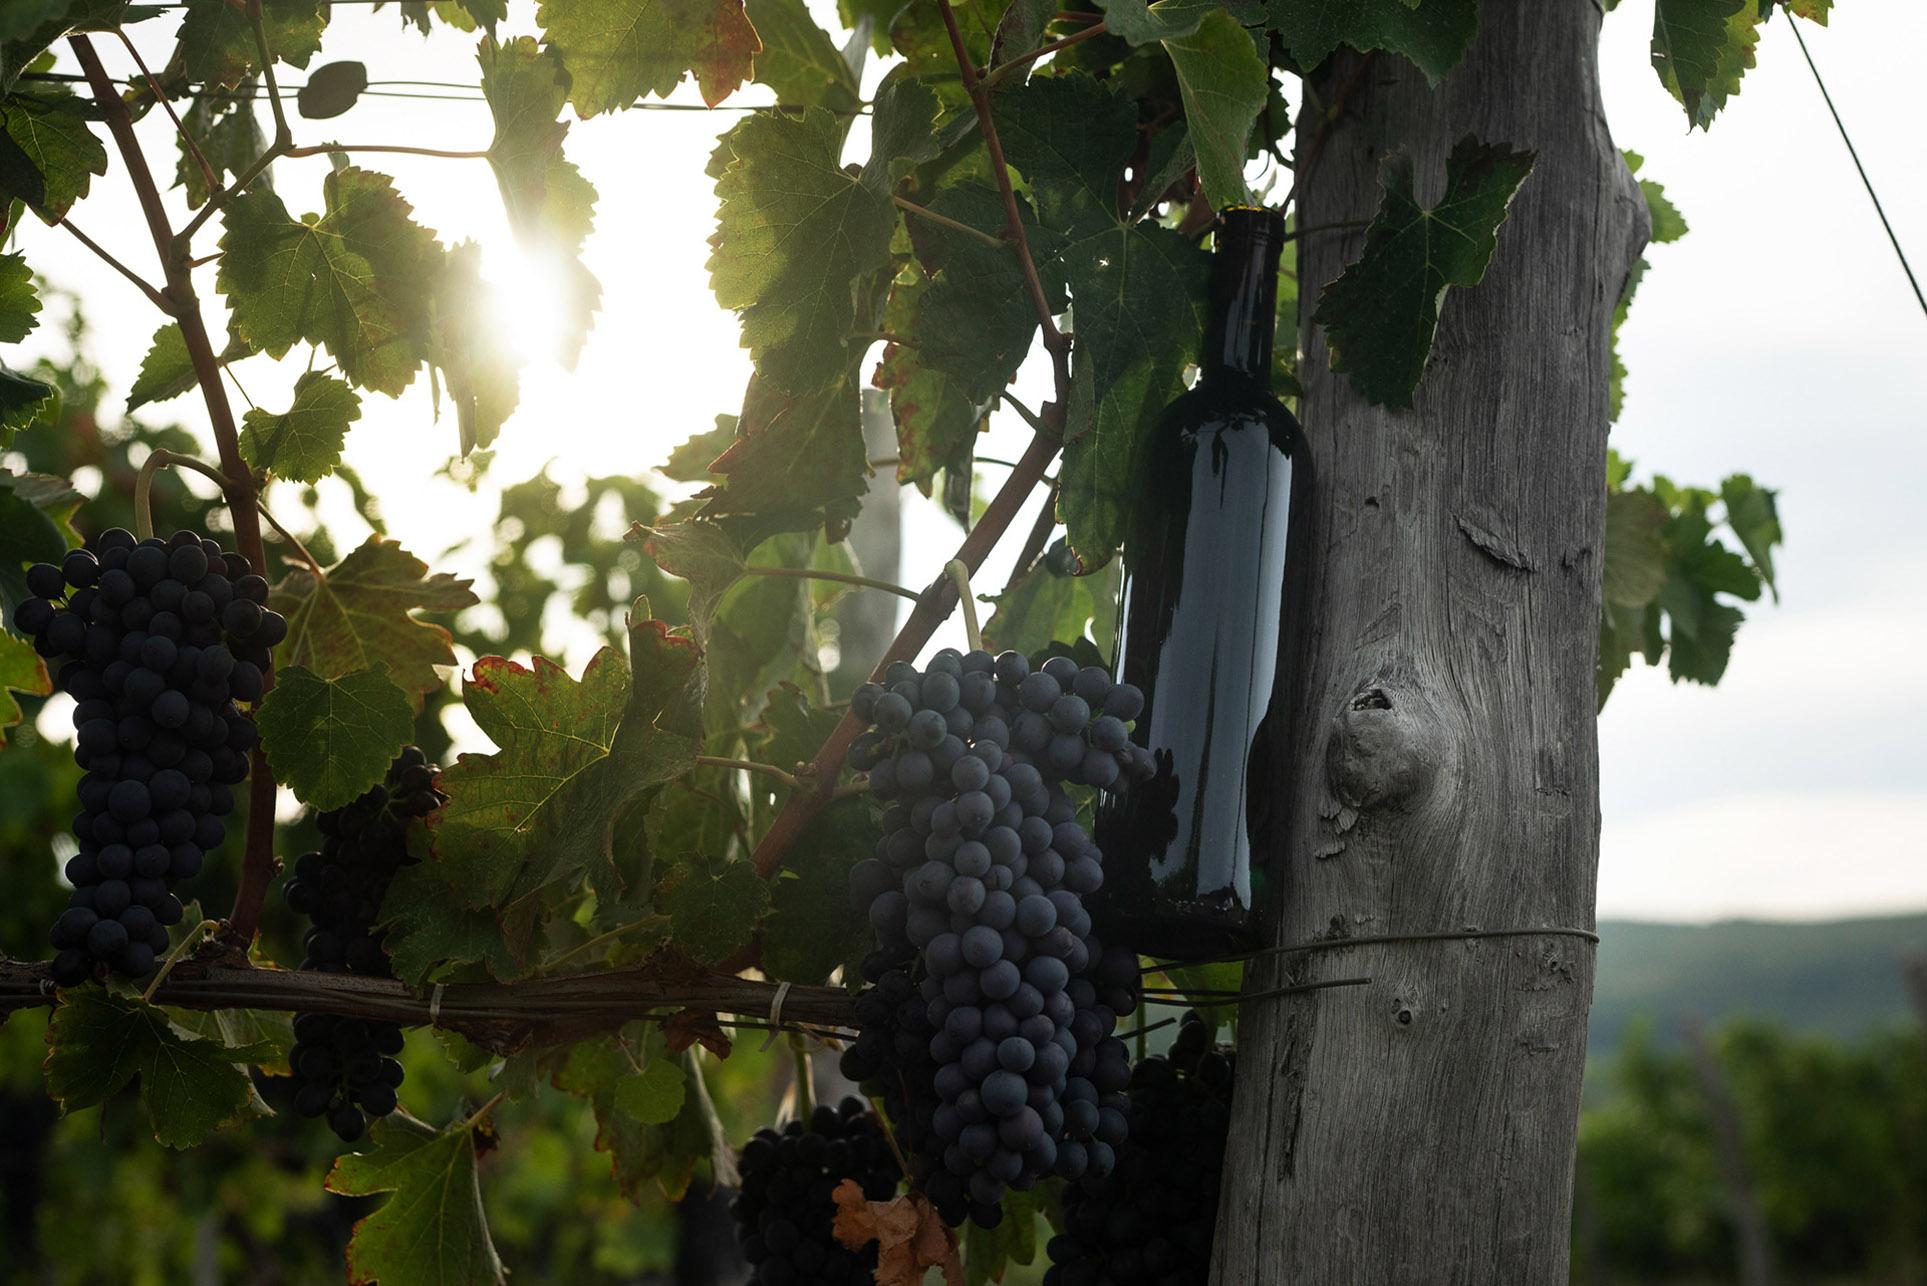 виноделы - сбор урожая и изготовление вина / фото 21